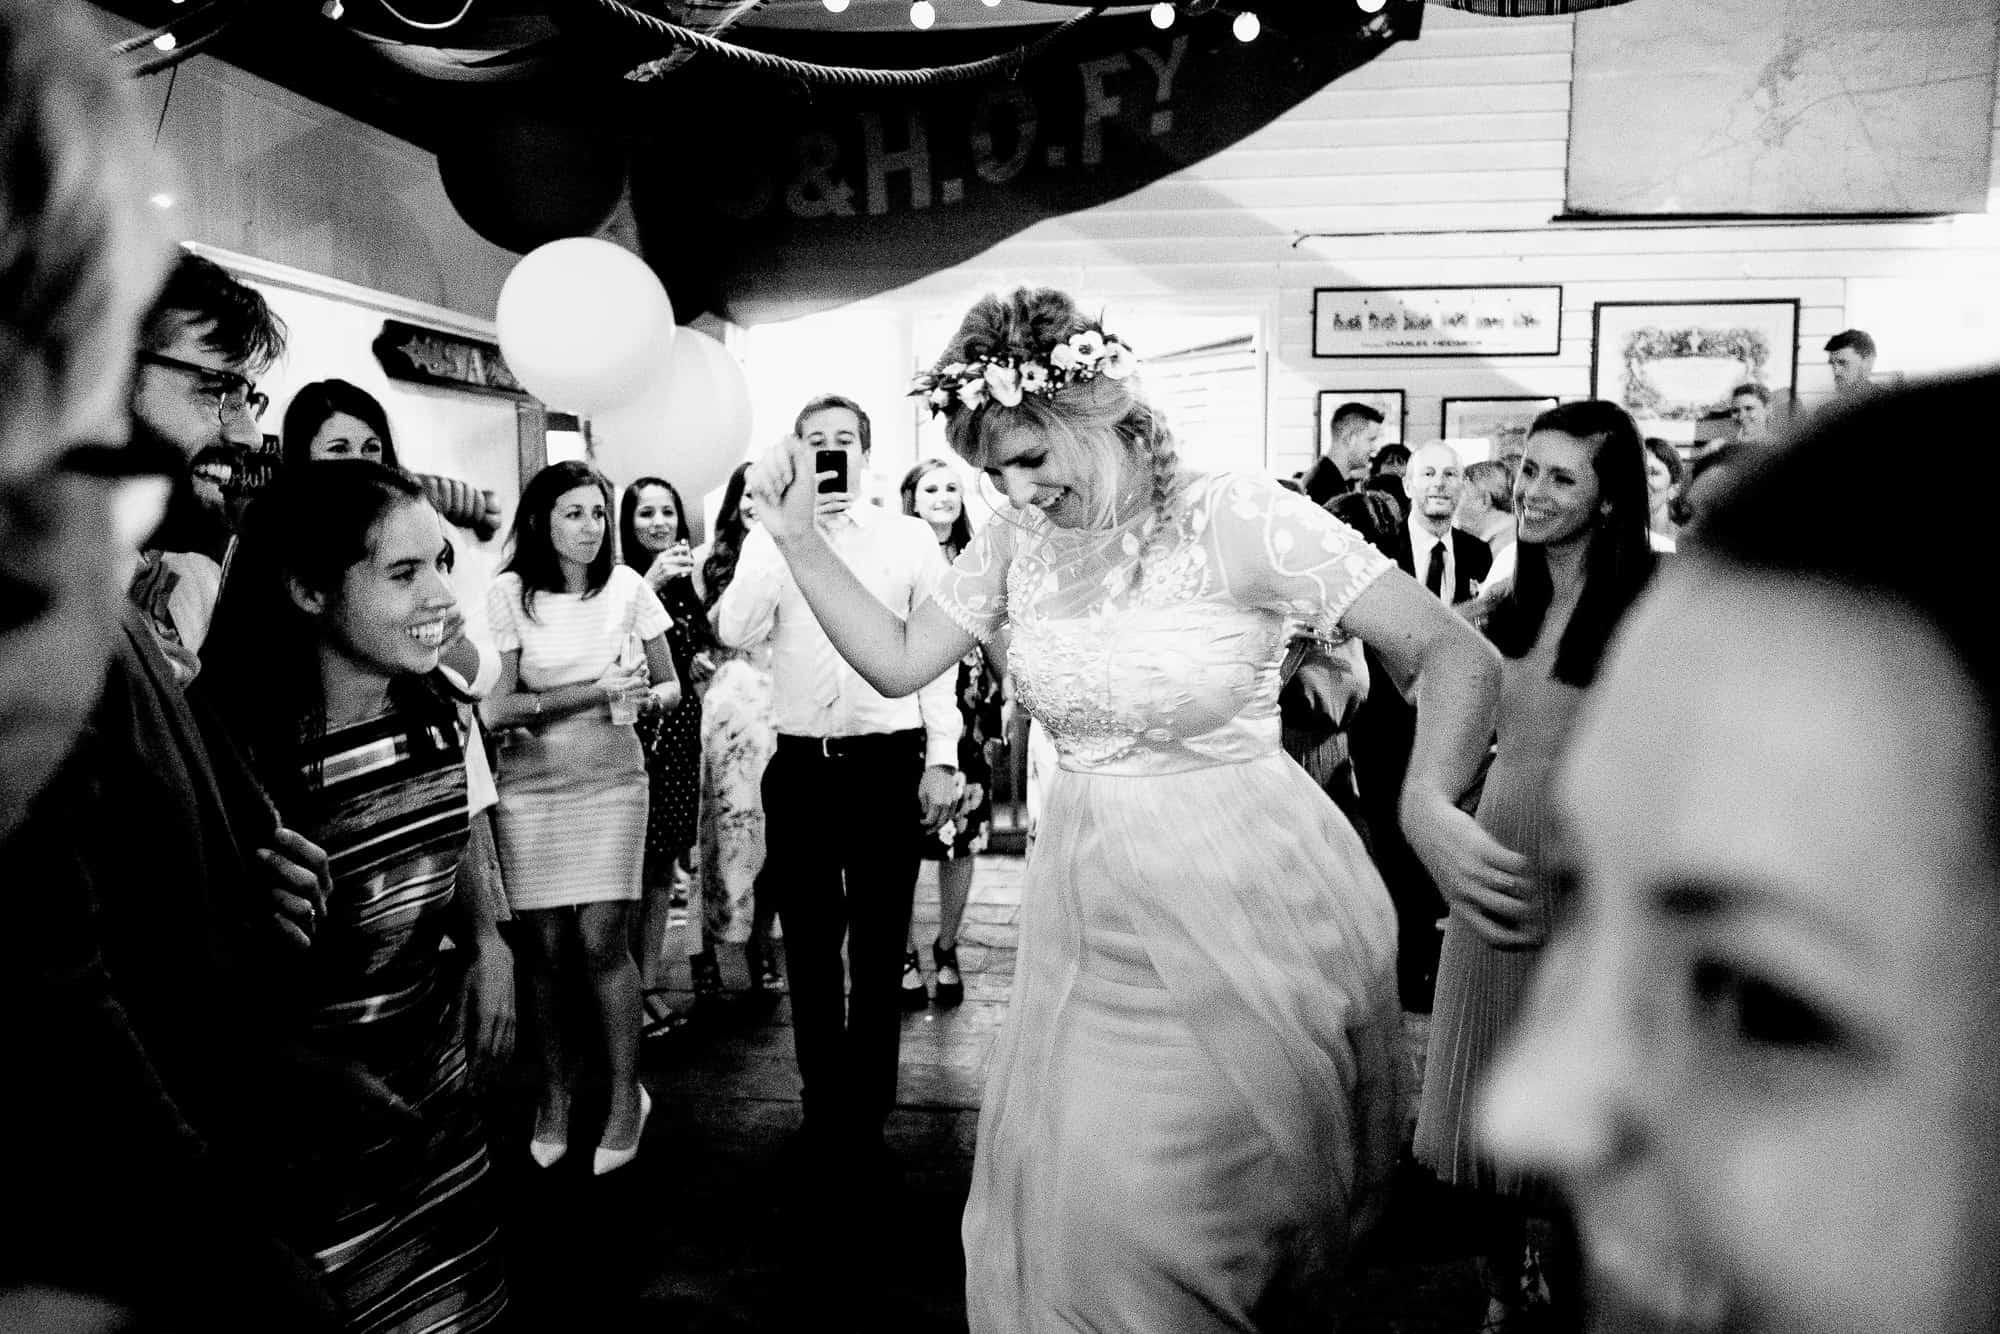 east-quay-wedding-photography-matt-tyler-0087